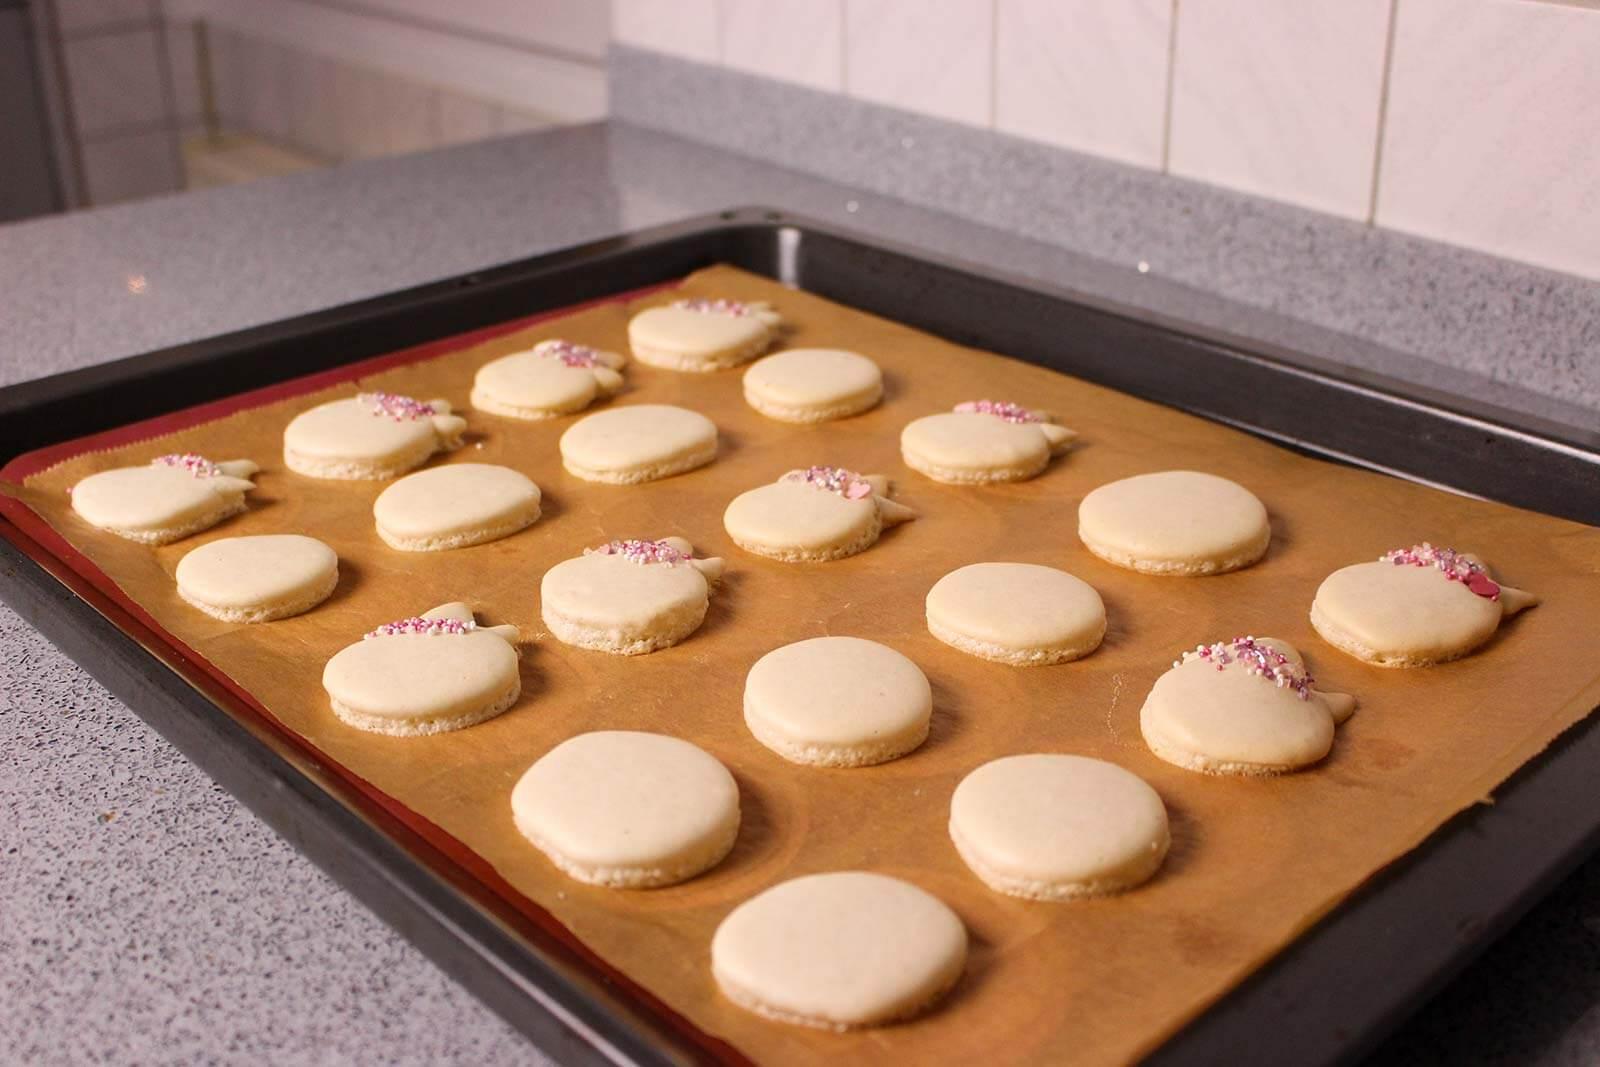 Fertig gepackene Macarons auf Backblech.